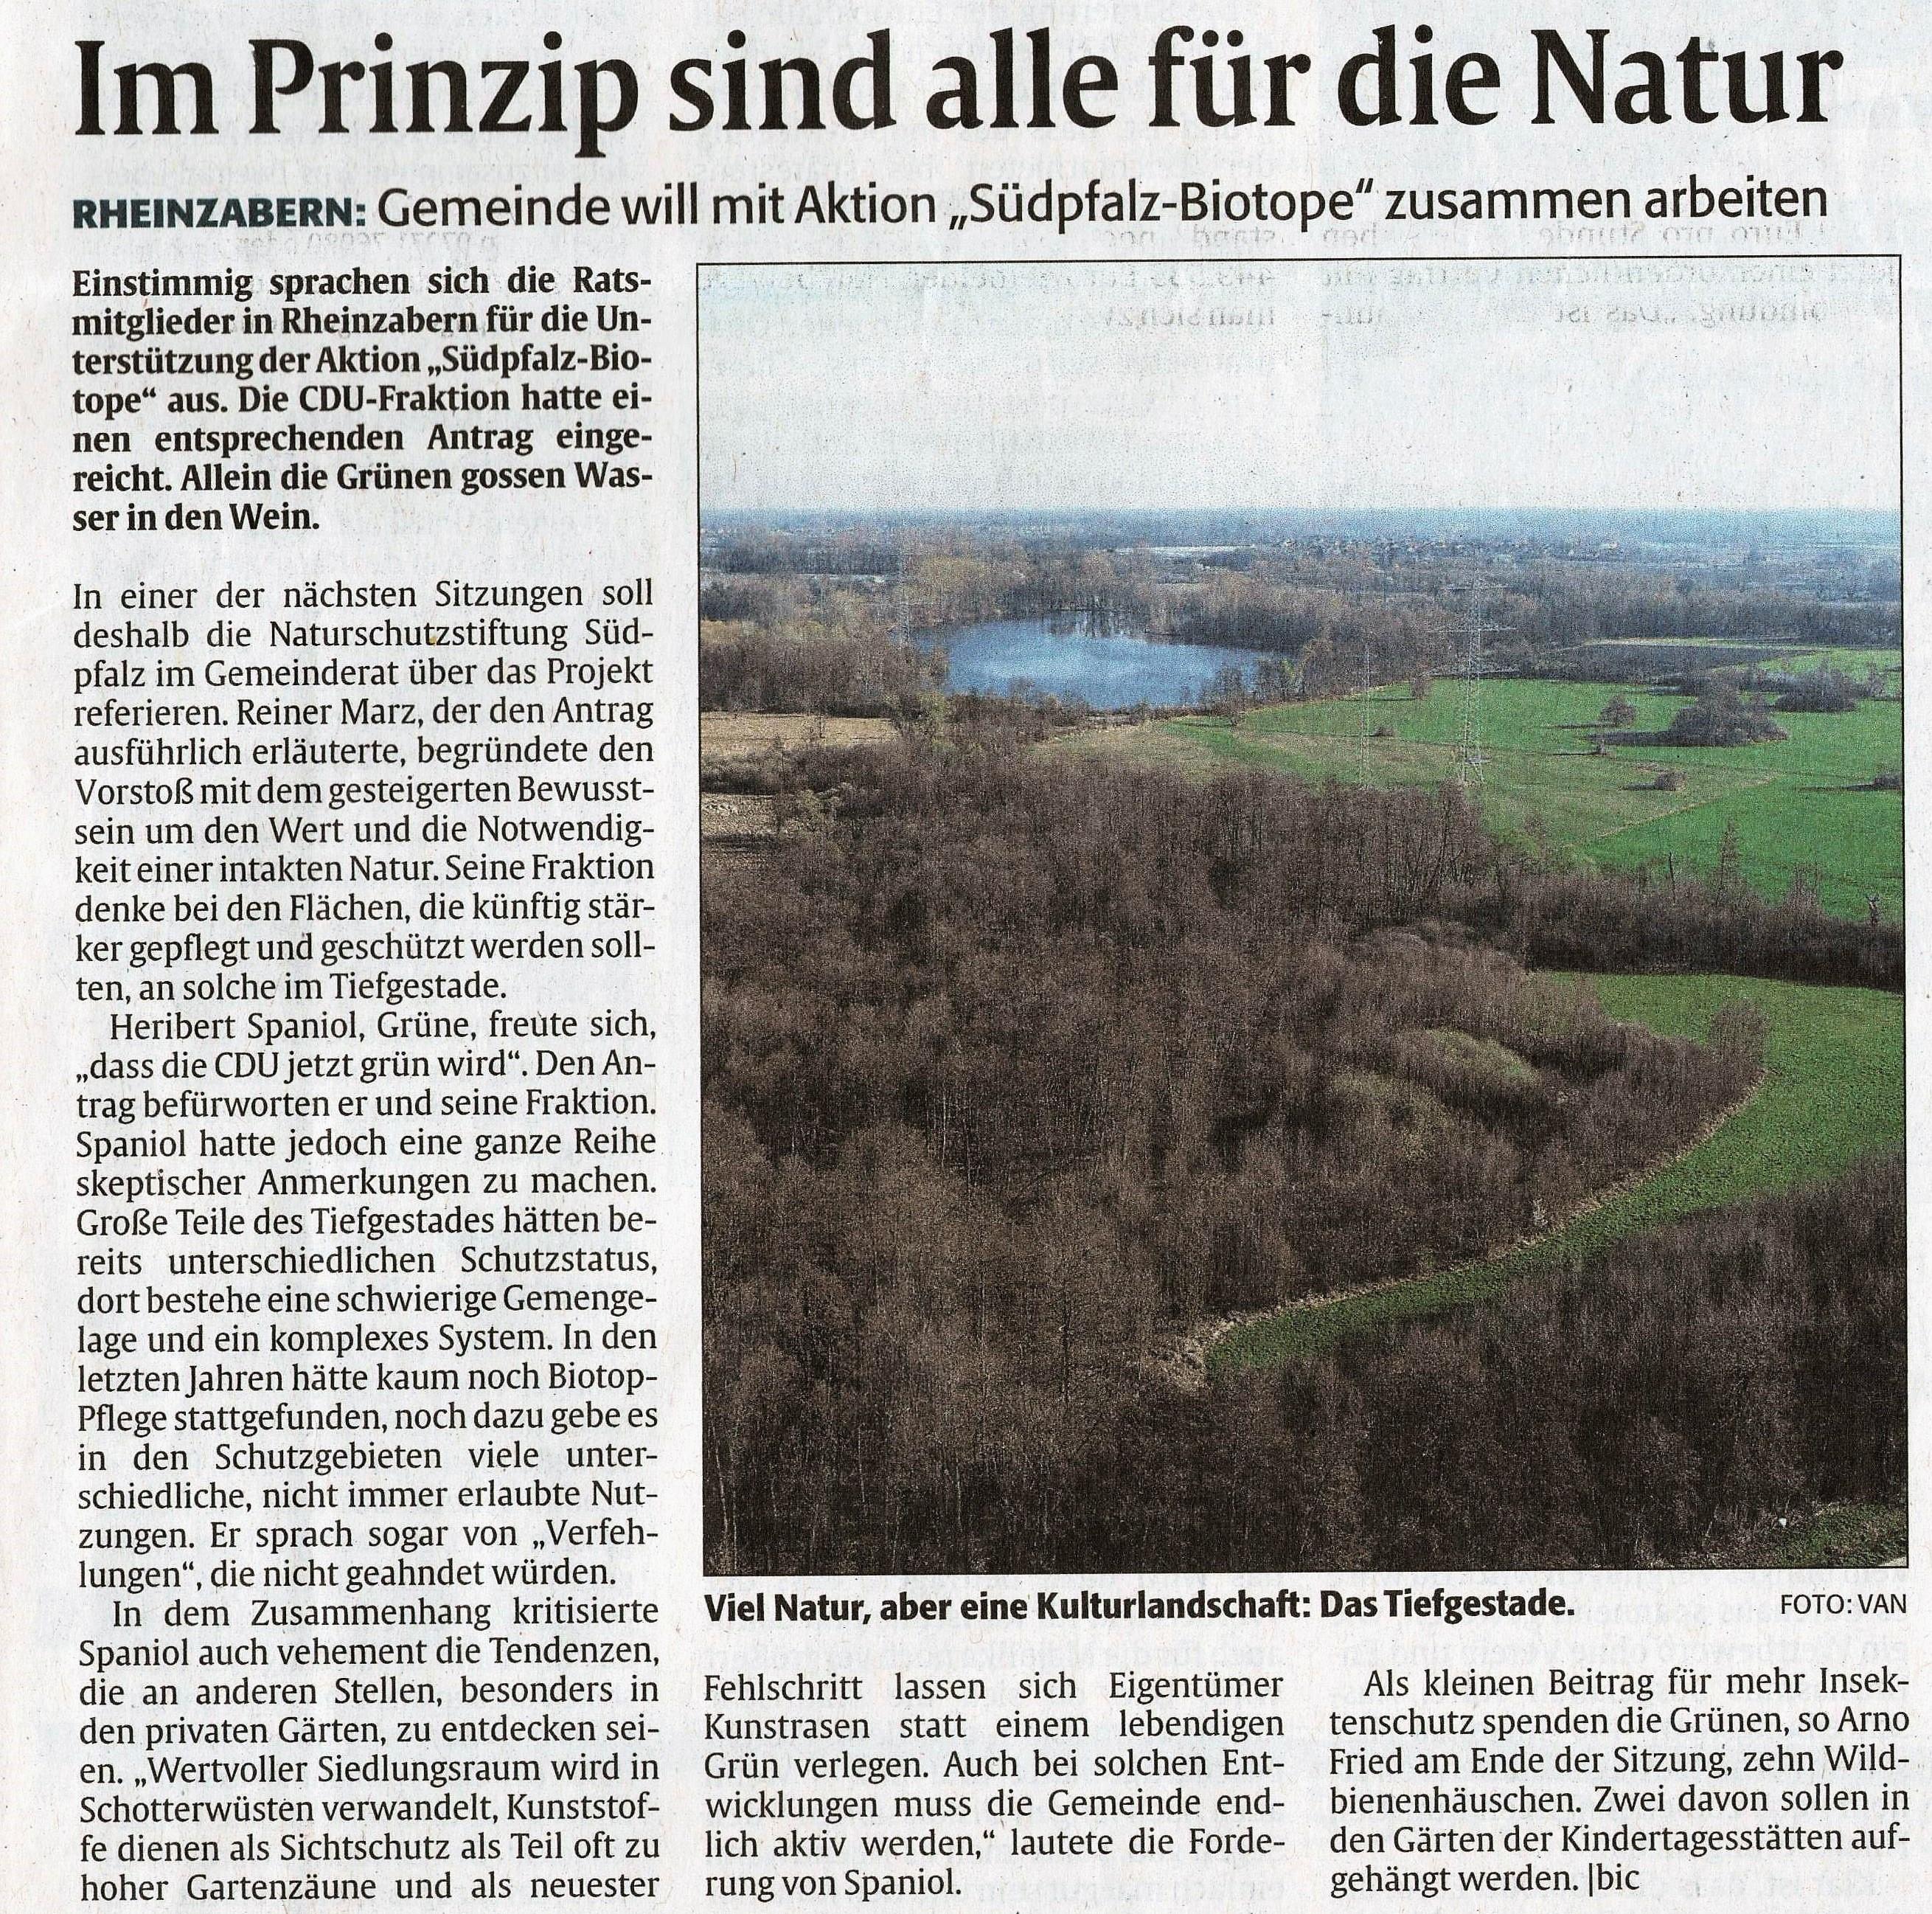 RHEINPFALZ-Artikel